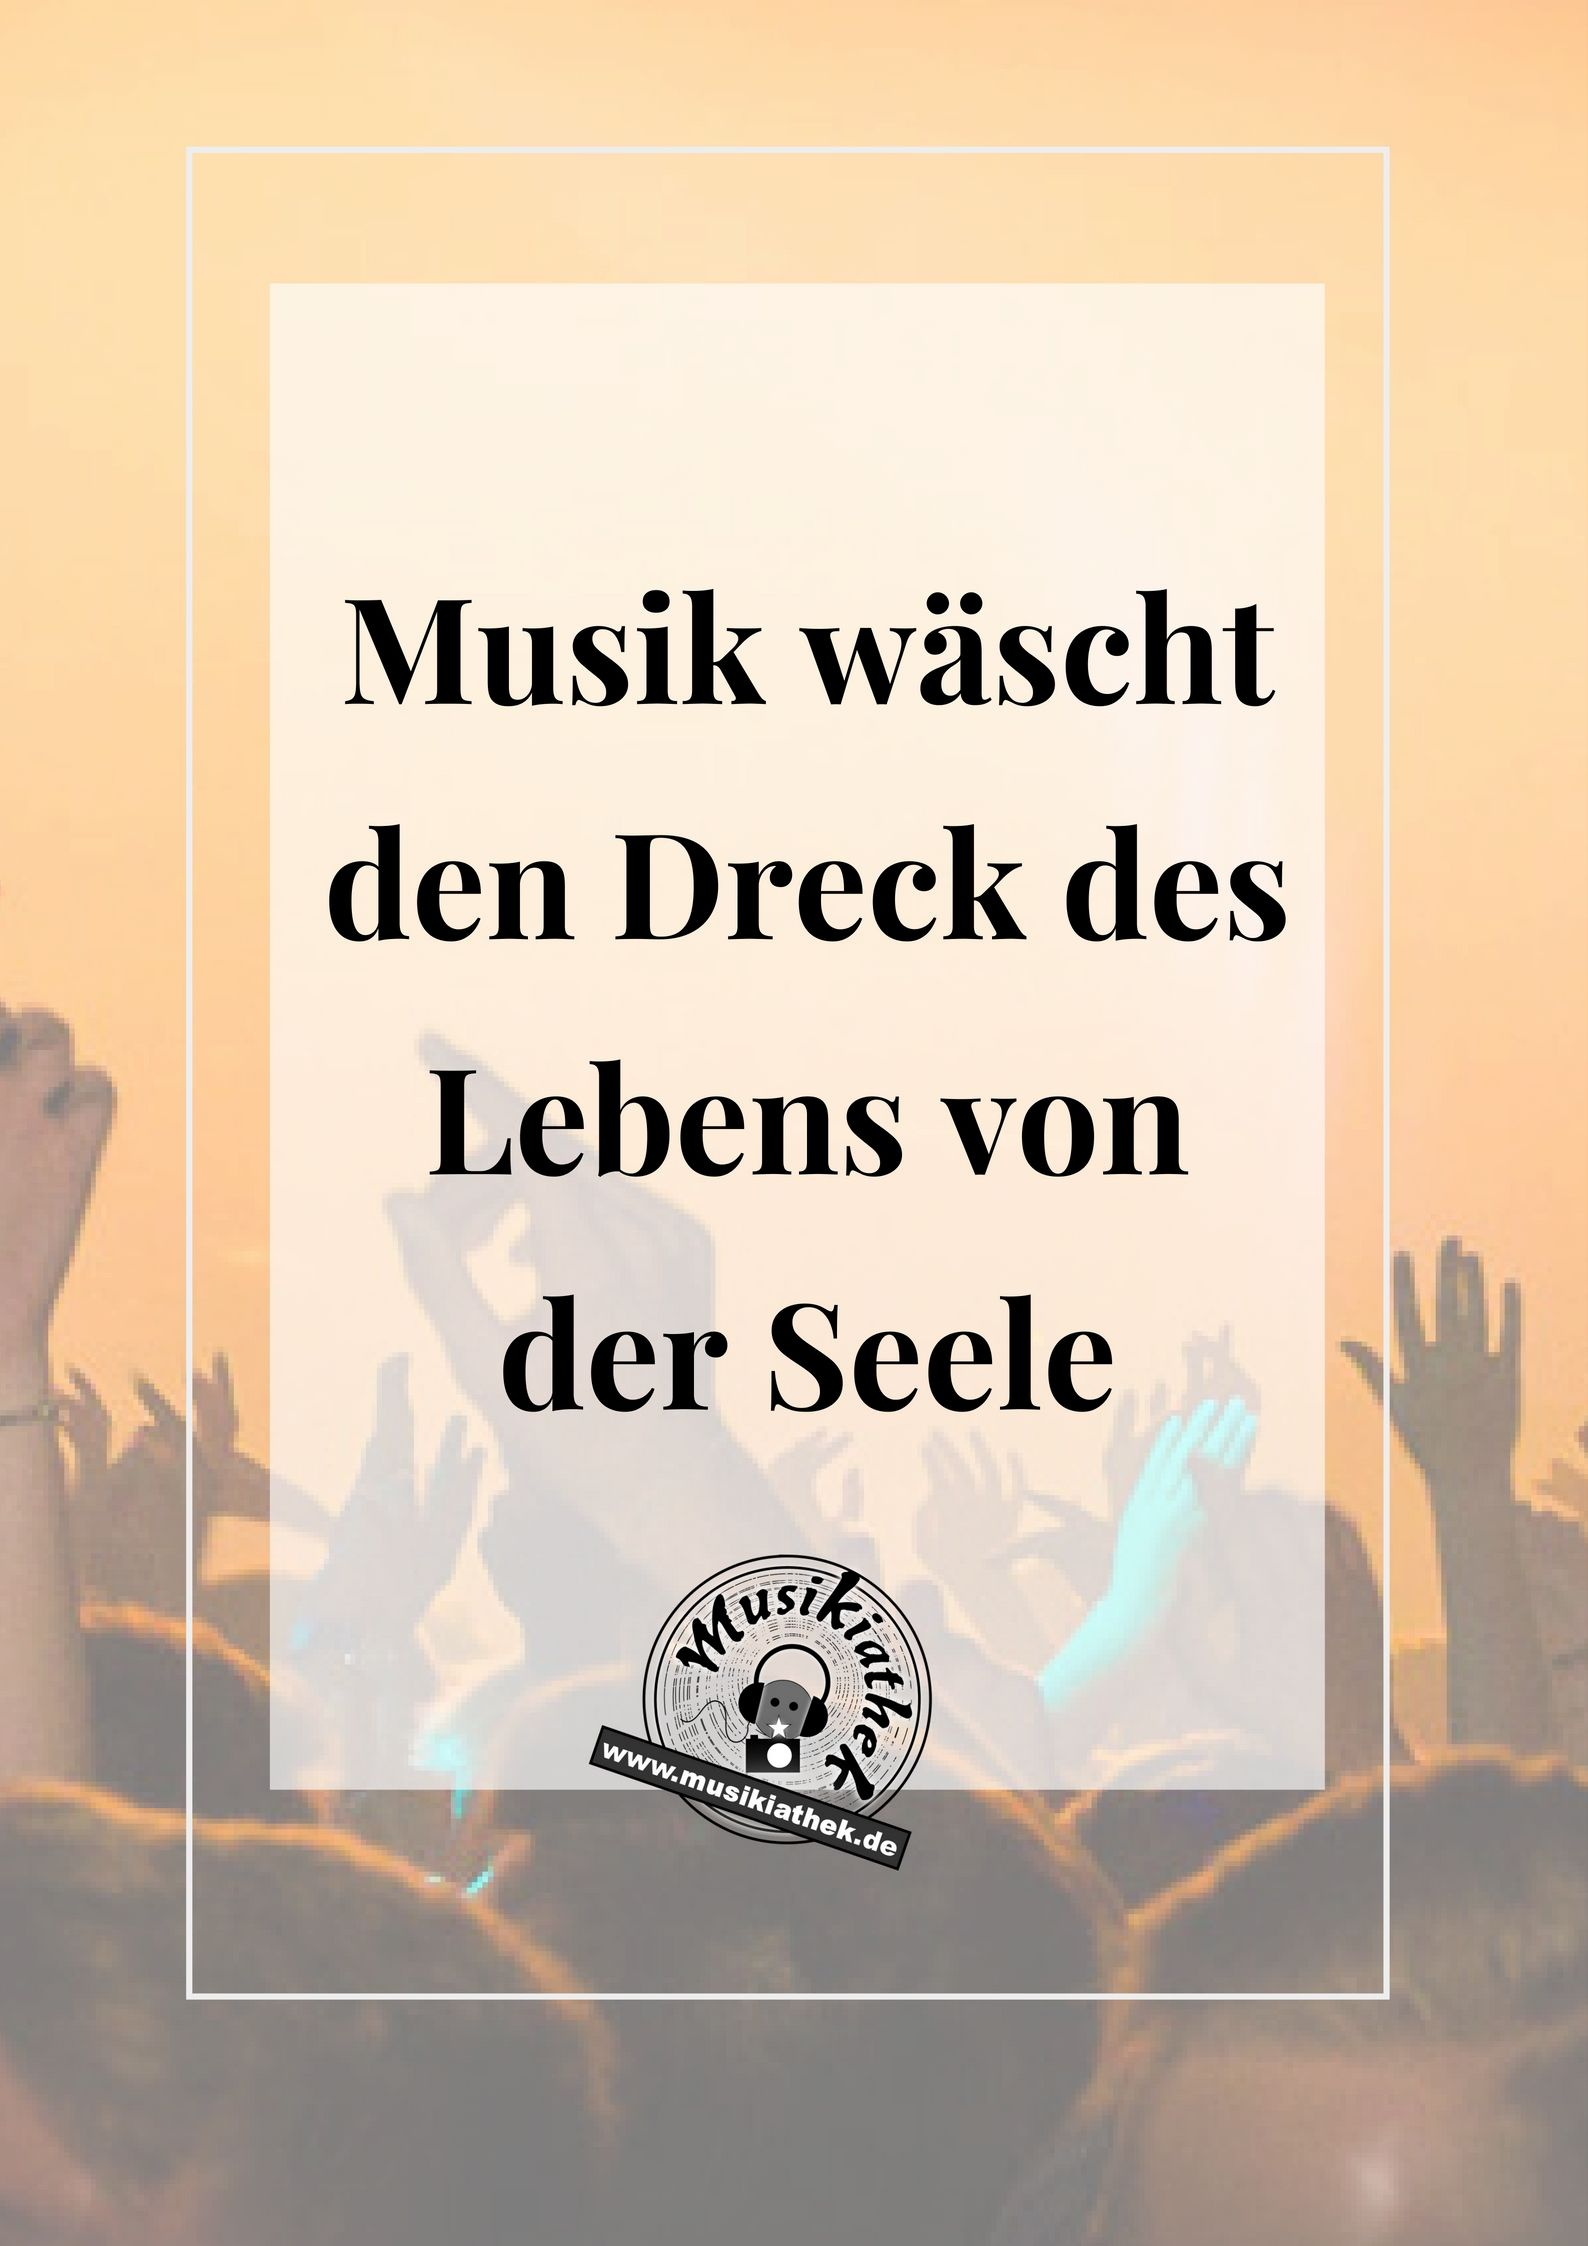 sprüche über musik 🎵 Die TOP 7 Musik Sprüche – Teil 2 | Musik Sprüche und Zitate  sprüche über musik